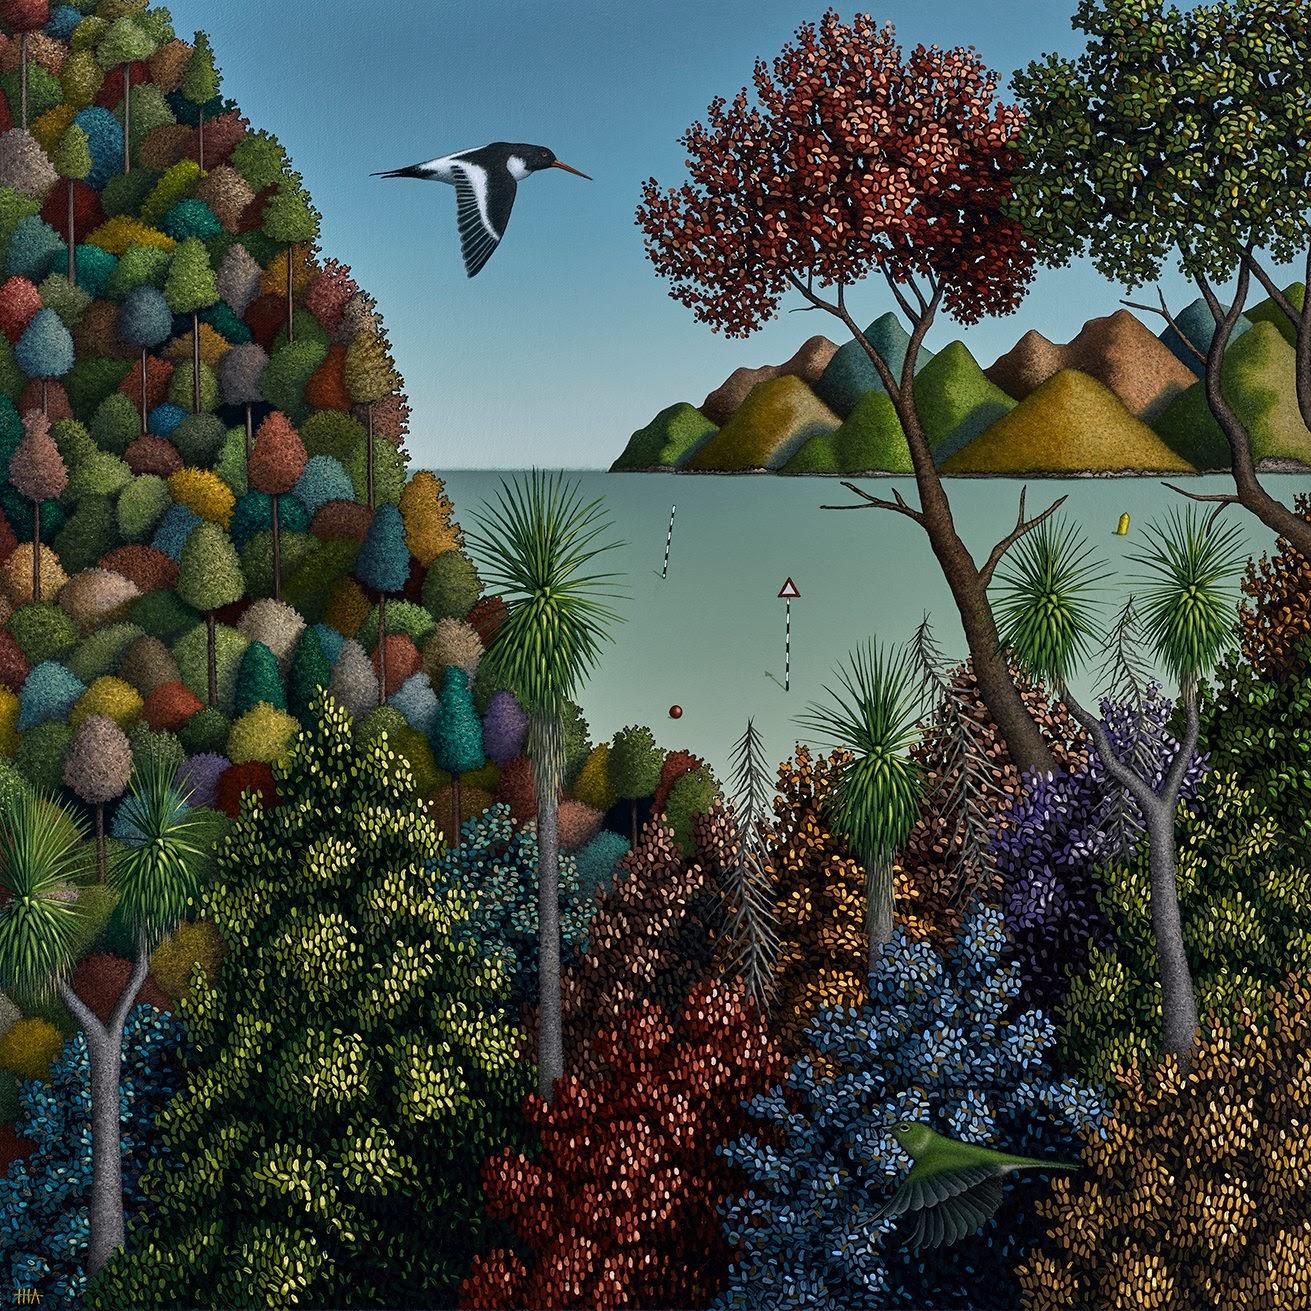 Hamish Allan Drift zone and the pleasure garden